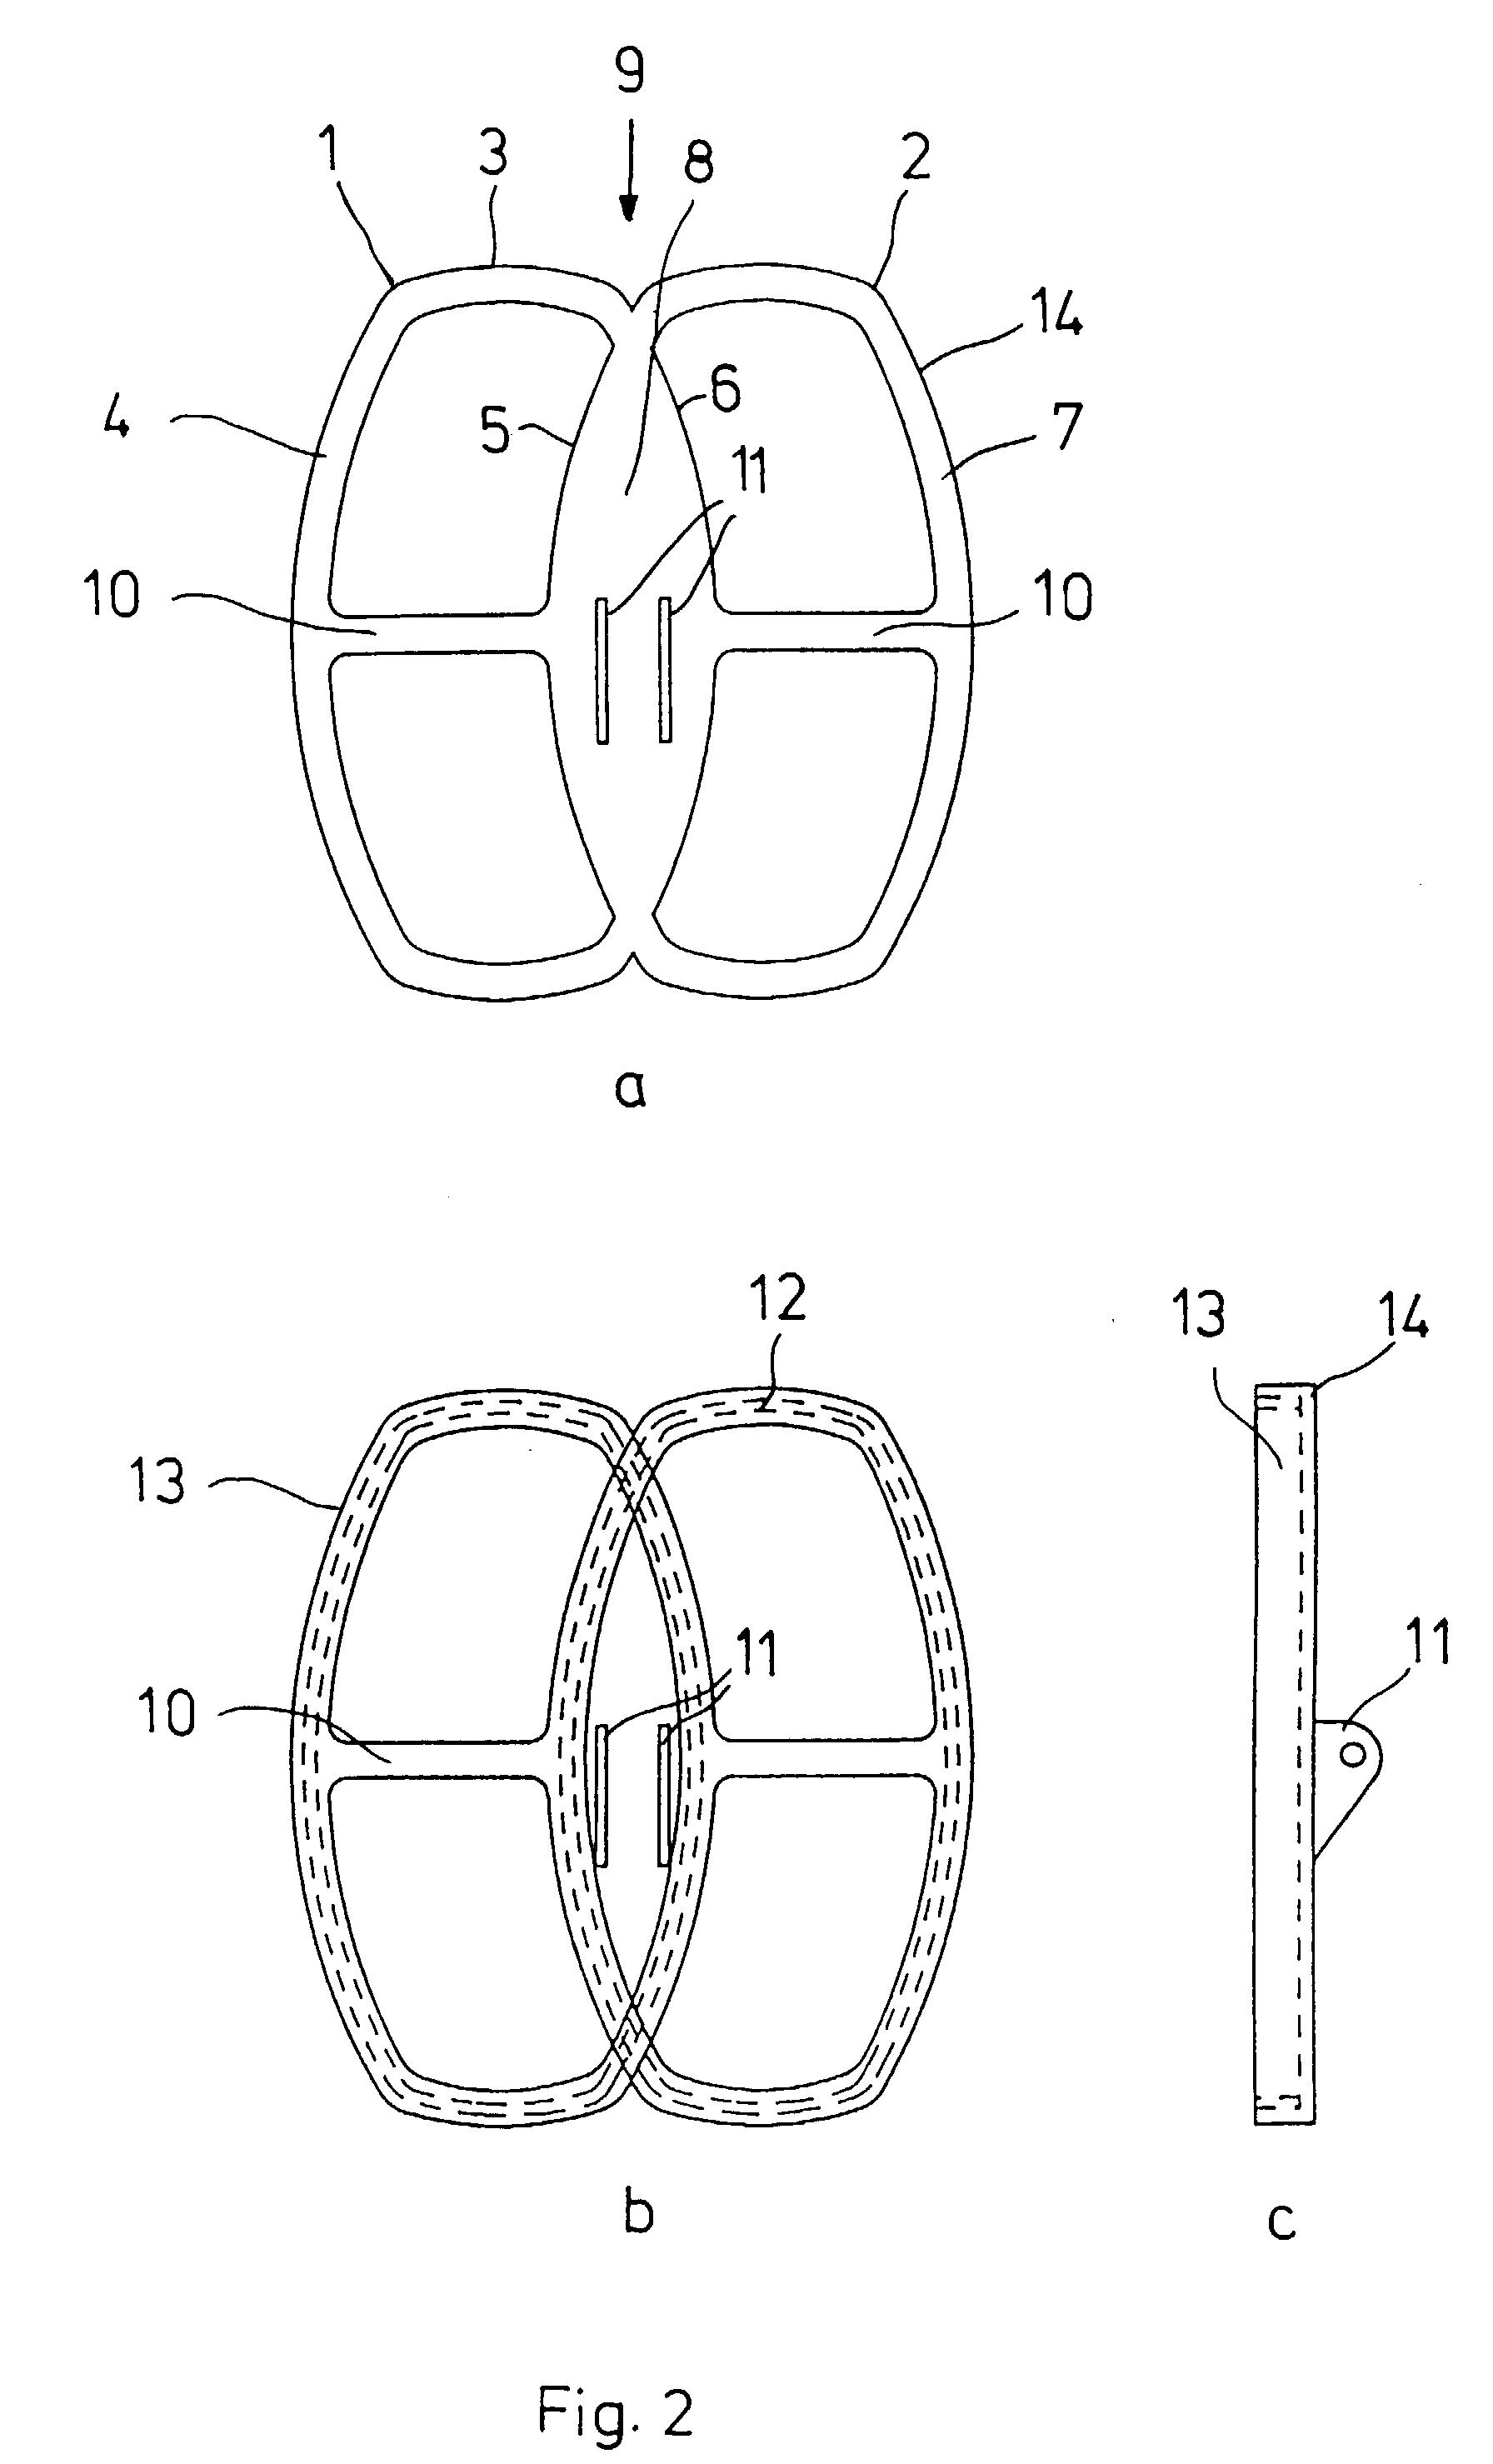 patent ep0654685b1 einrichtungen und verfahren zum erkennen von metallgegenst nden google. Black Bedroom Furniture Sets. Home Design Ideas